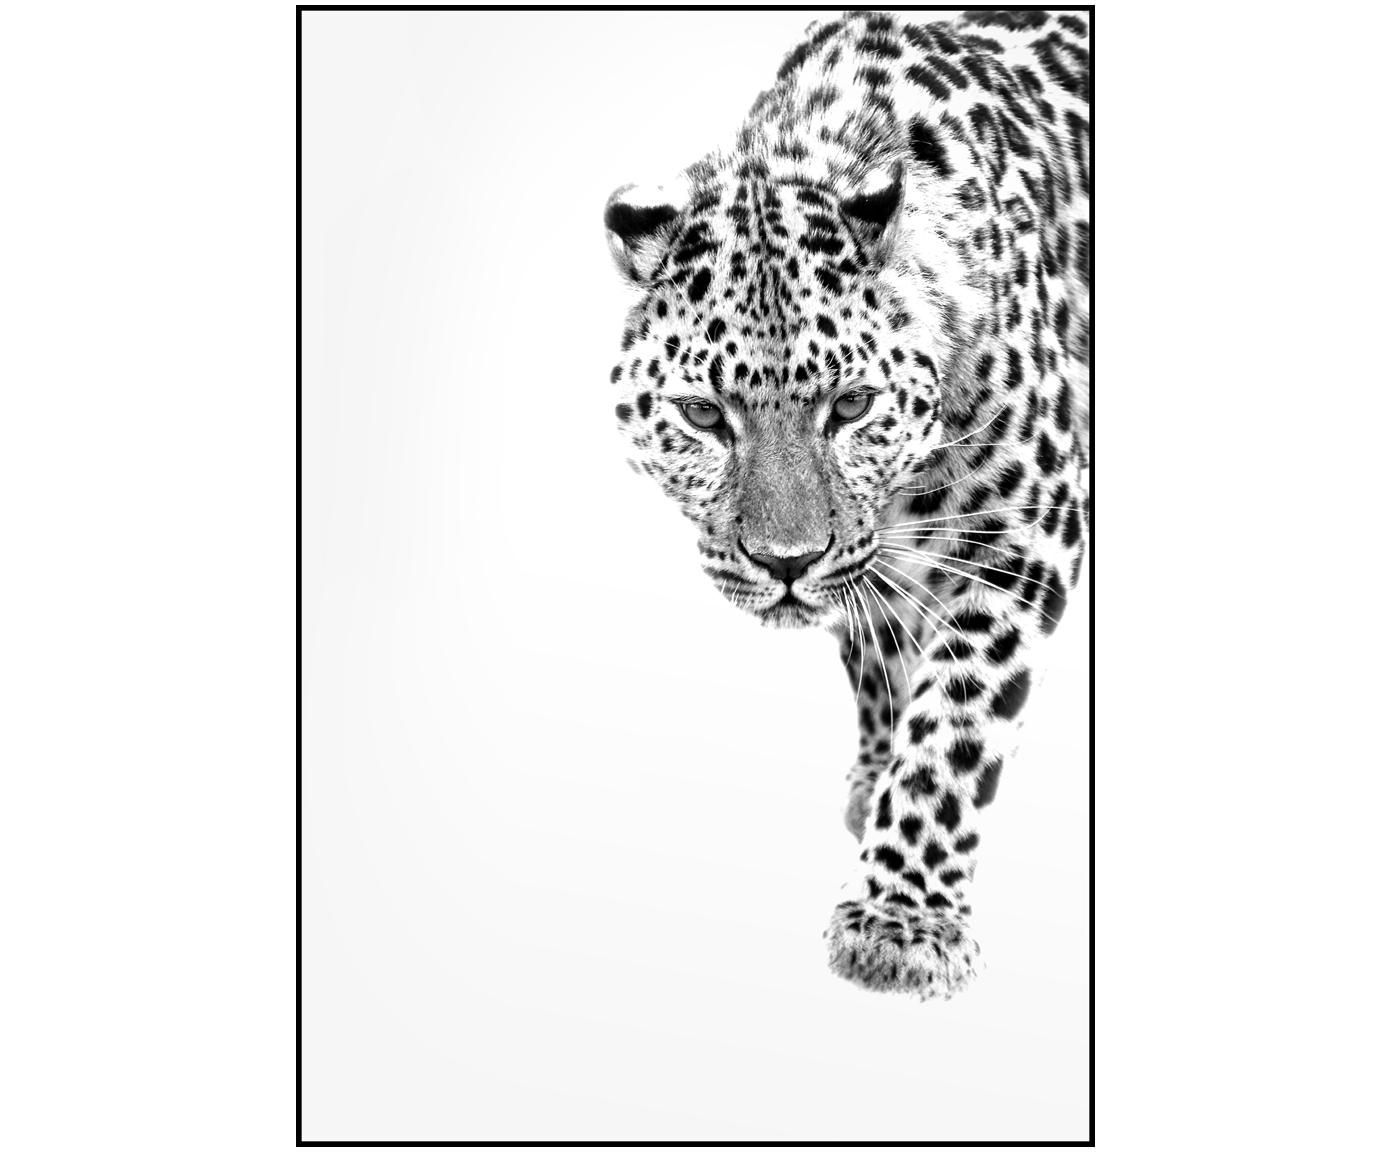 Impresión digital enmarcadaWhite Leopard, Fotografía: impresión digital sobre p, Parte trasera: tablero de fibras de dens, Negro, blanco, An 30 x Al 40 cm